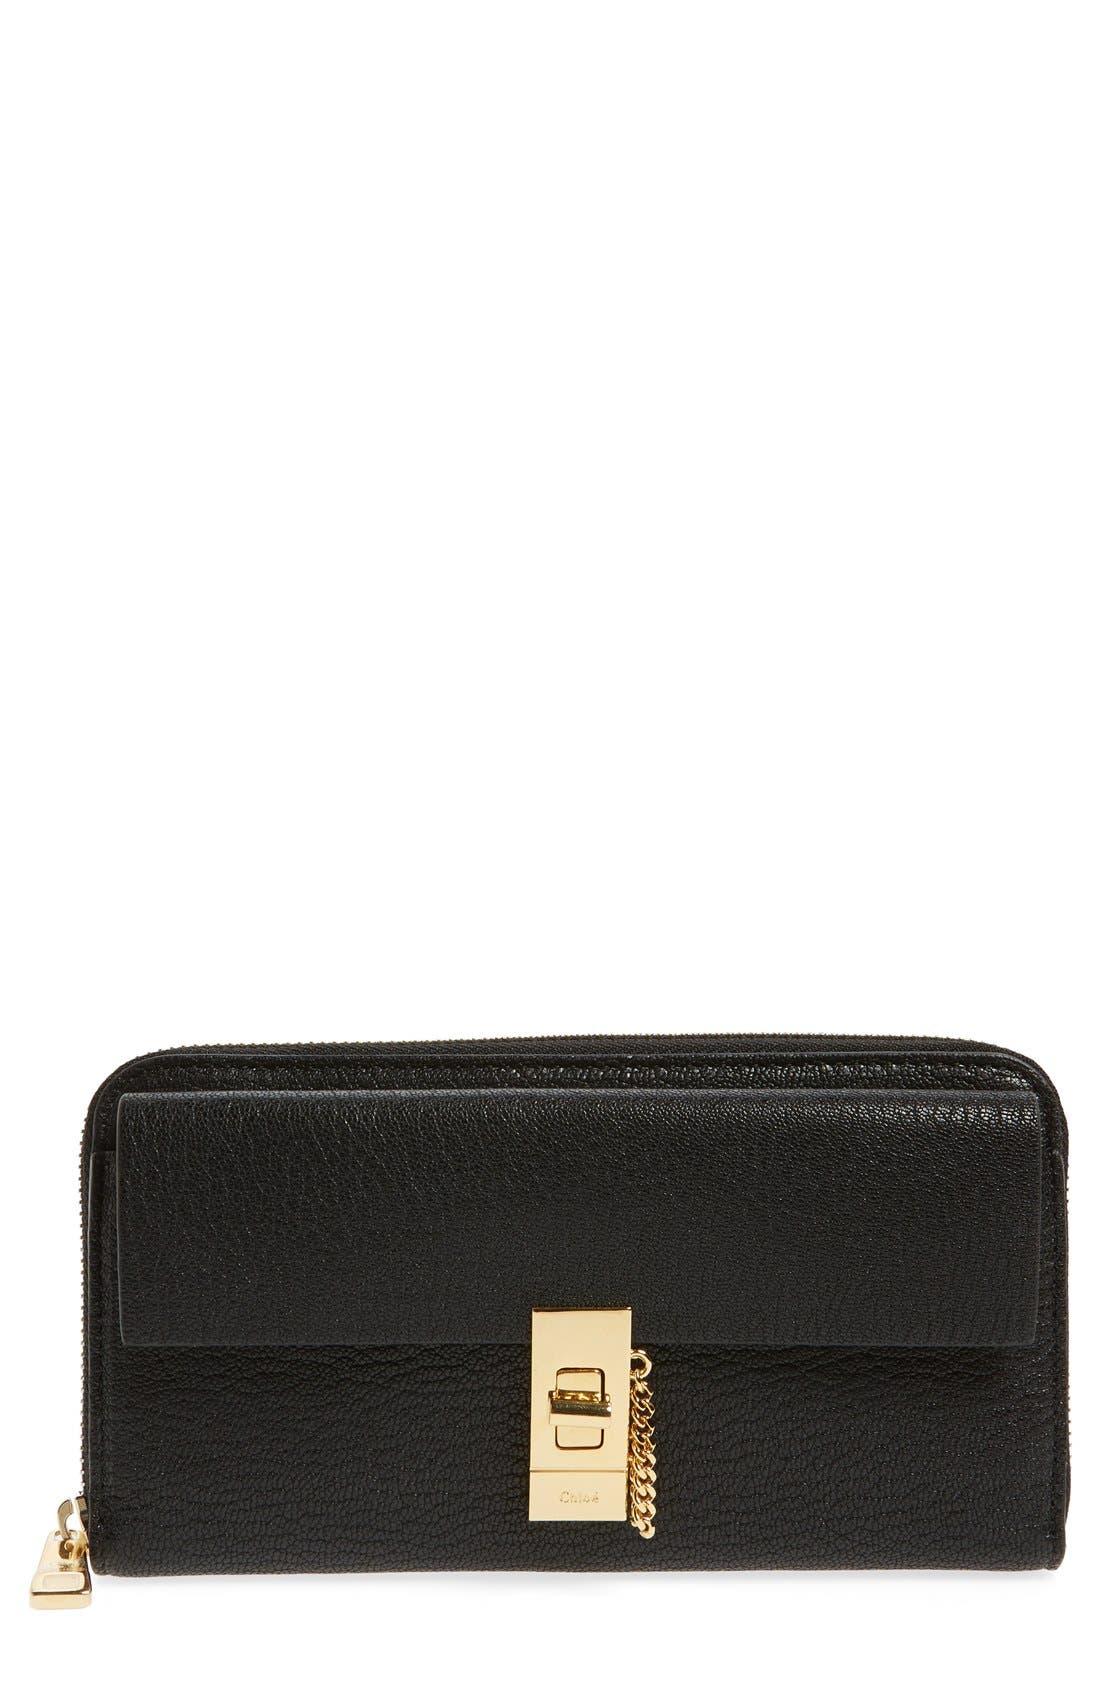 CHLOÉ Drew Calfskin Leather Zip Around Wallet